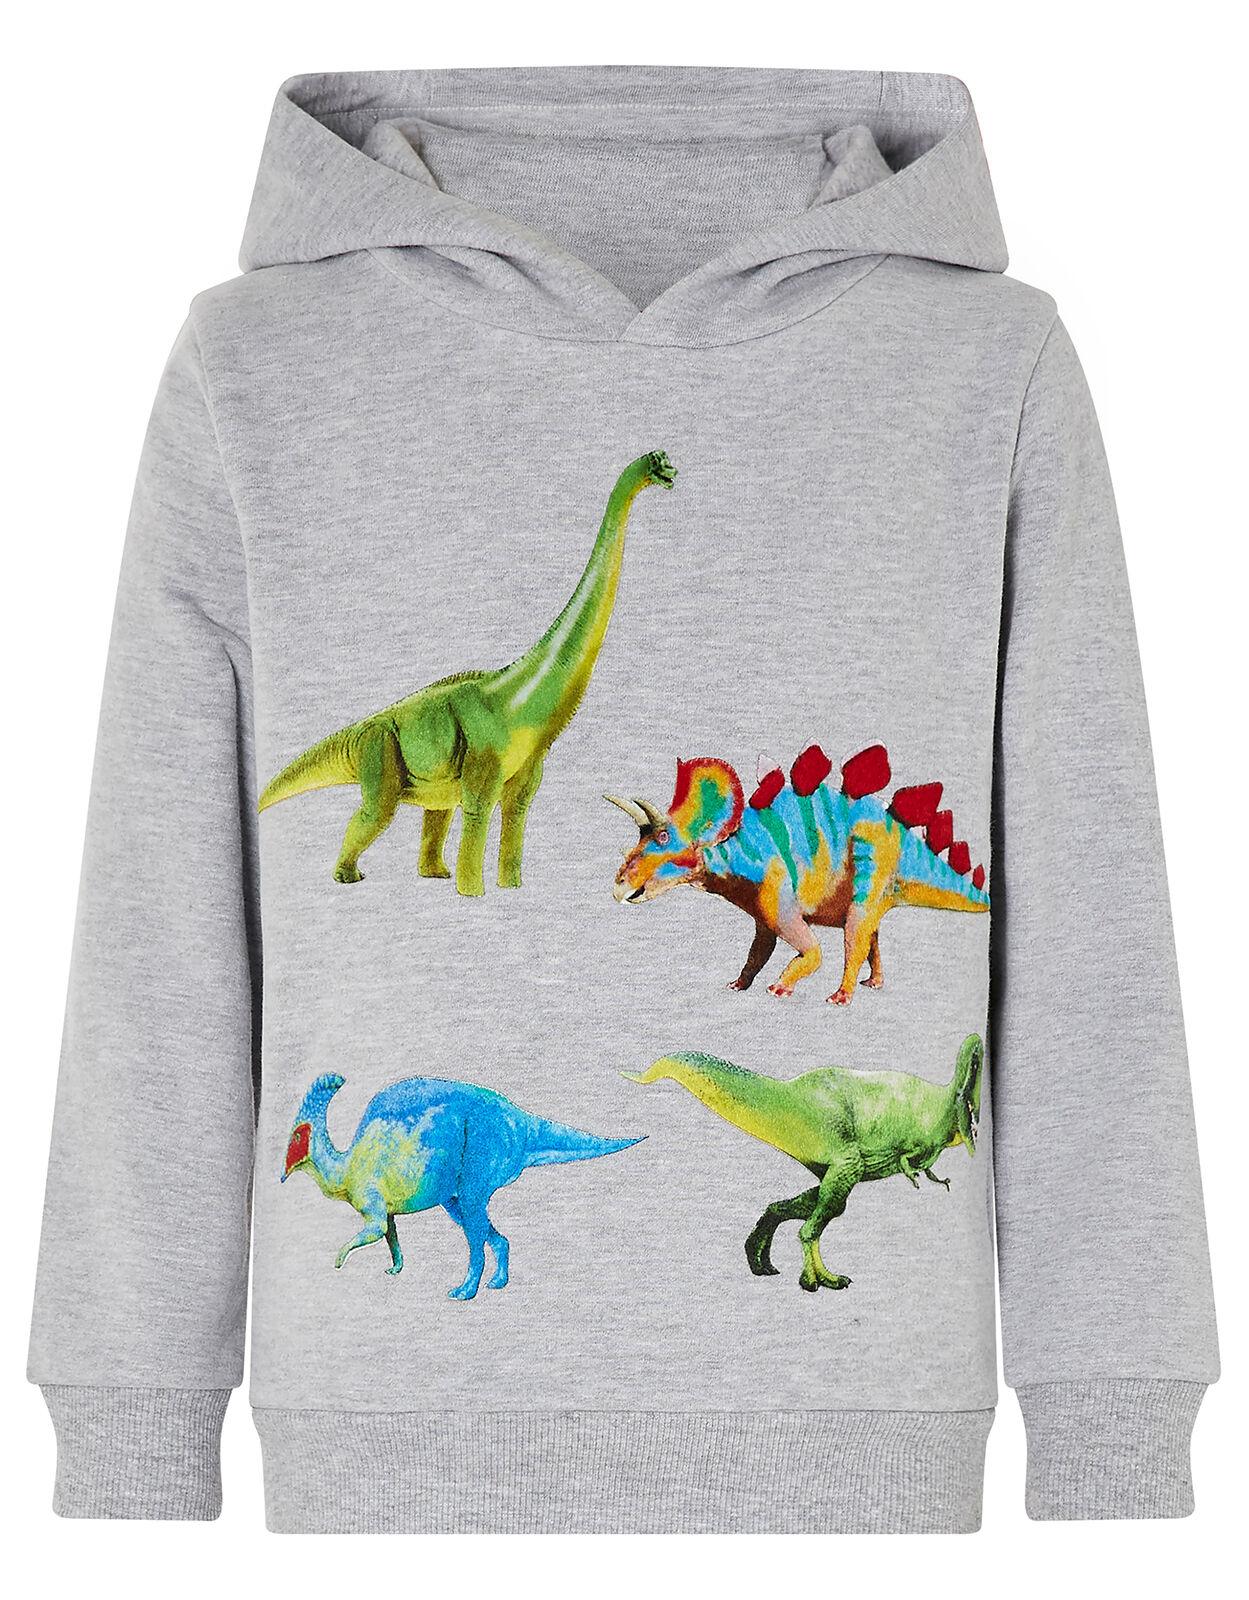 Dinosaur Print Hoody Grey Boys Hoodies & Sweatshirts Monsoon Global.